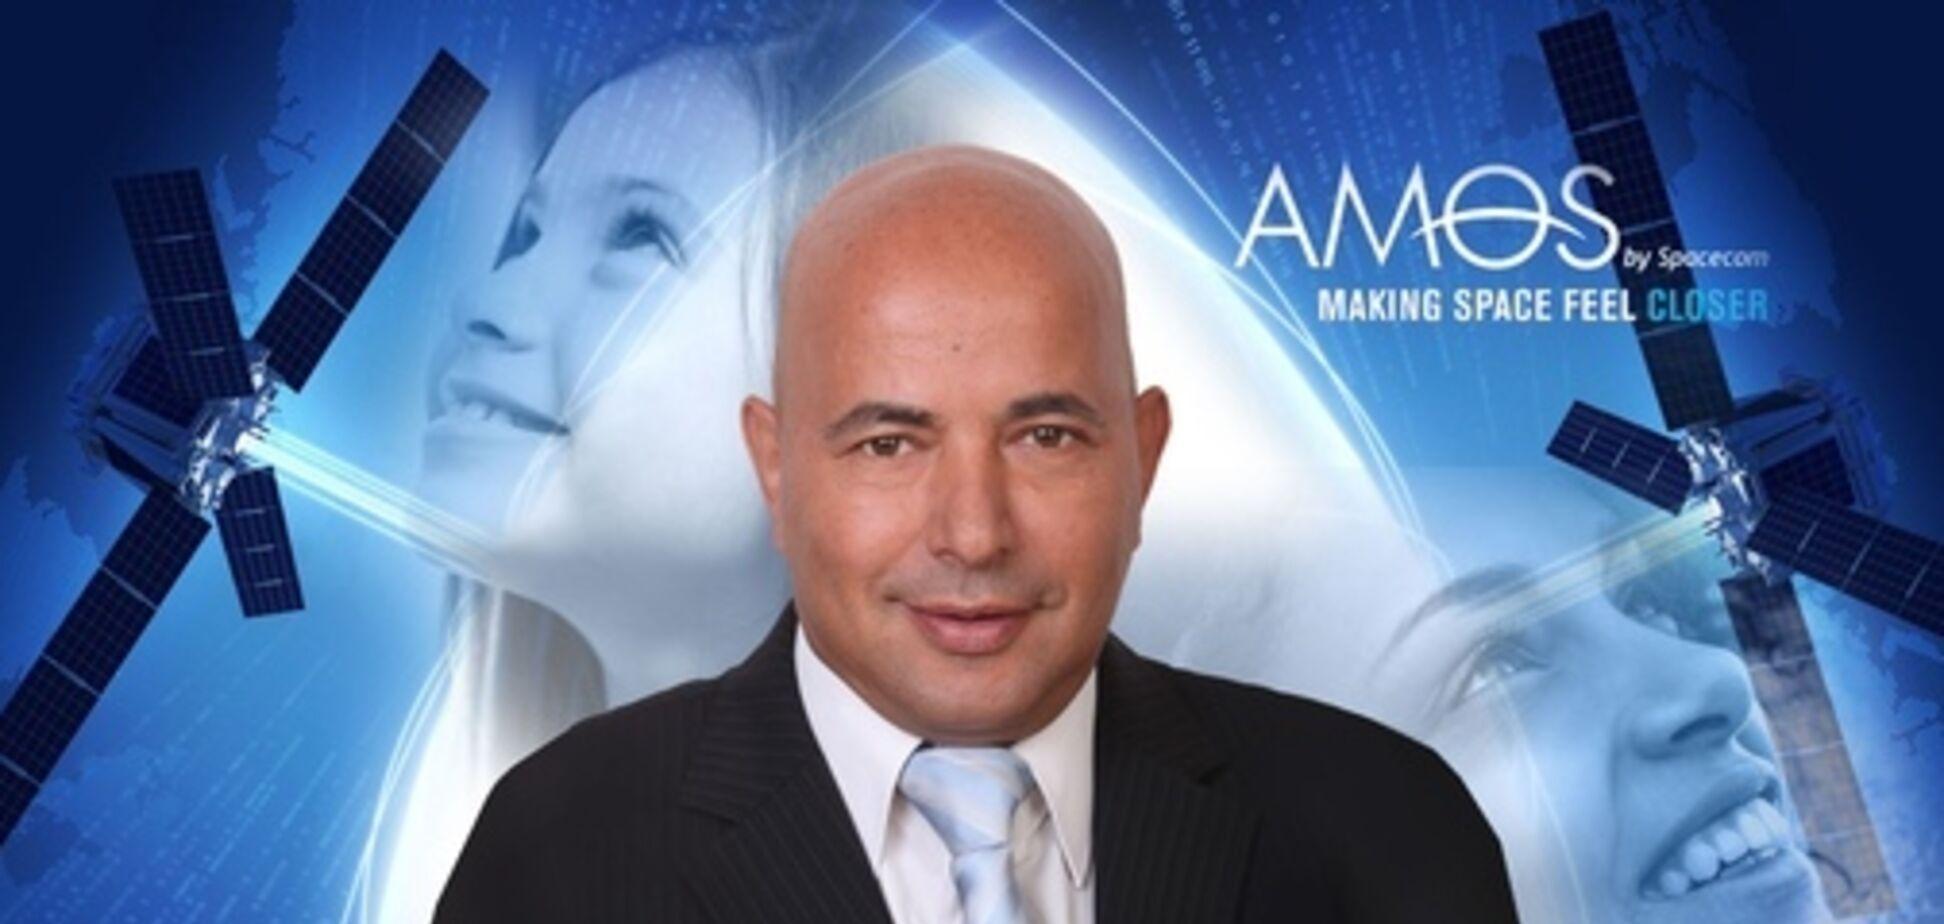 Супутники AMOS-3 і AMOS-7 знаходяться практично в одній точці і завжди зможуть підстрахувати один одного, – Юда Амір, Spacecom